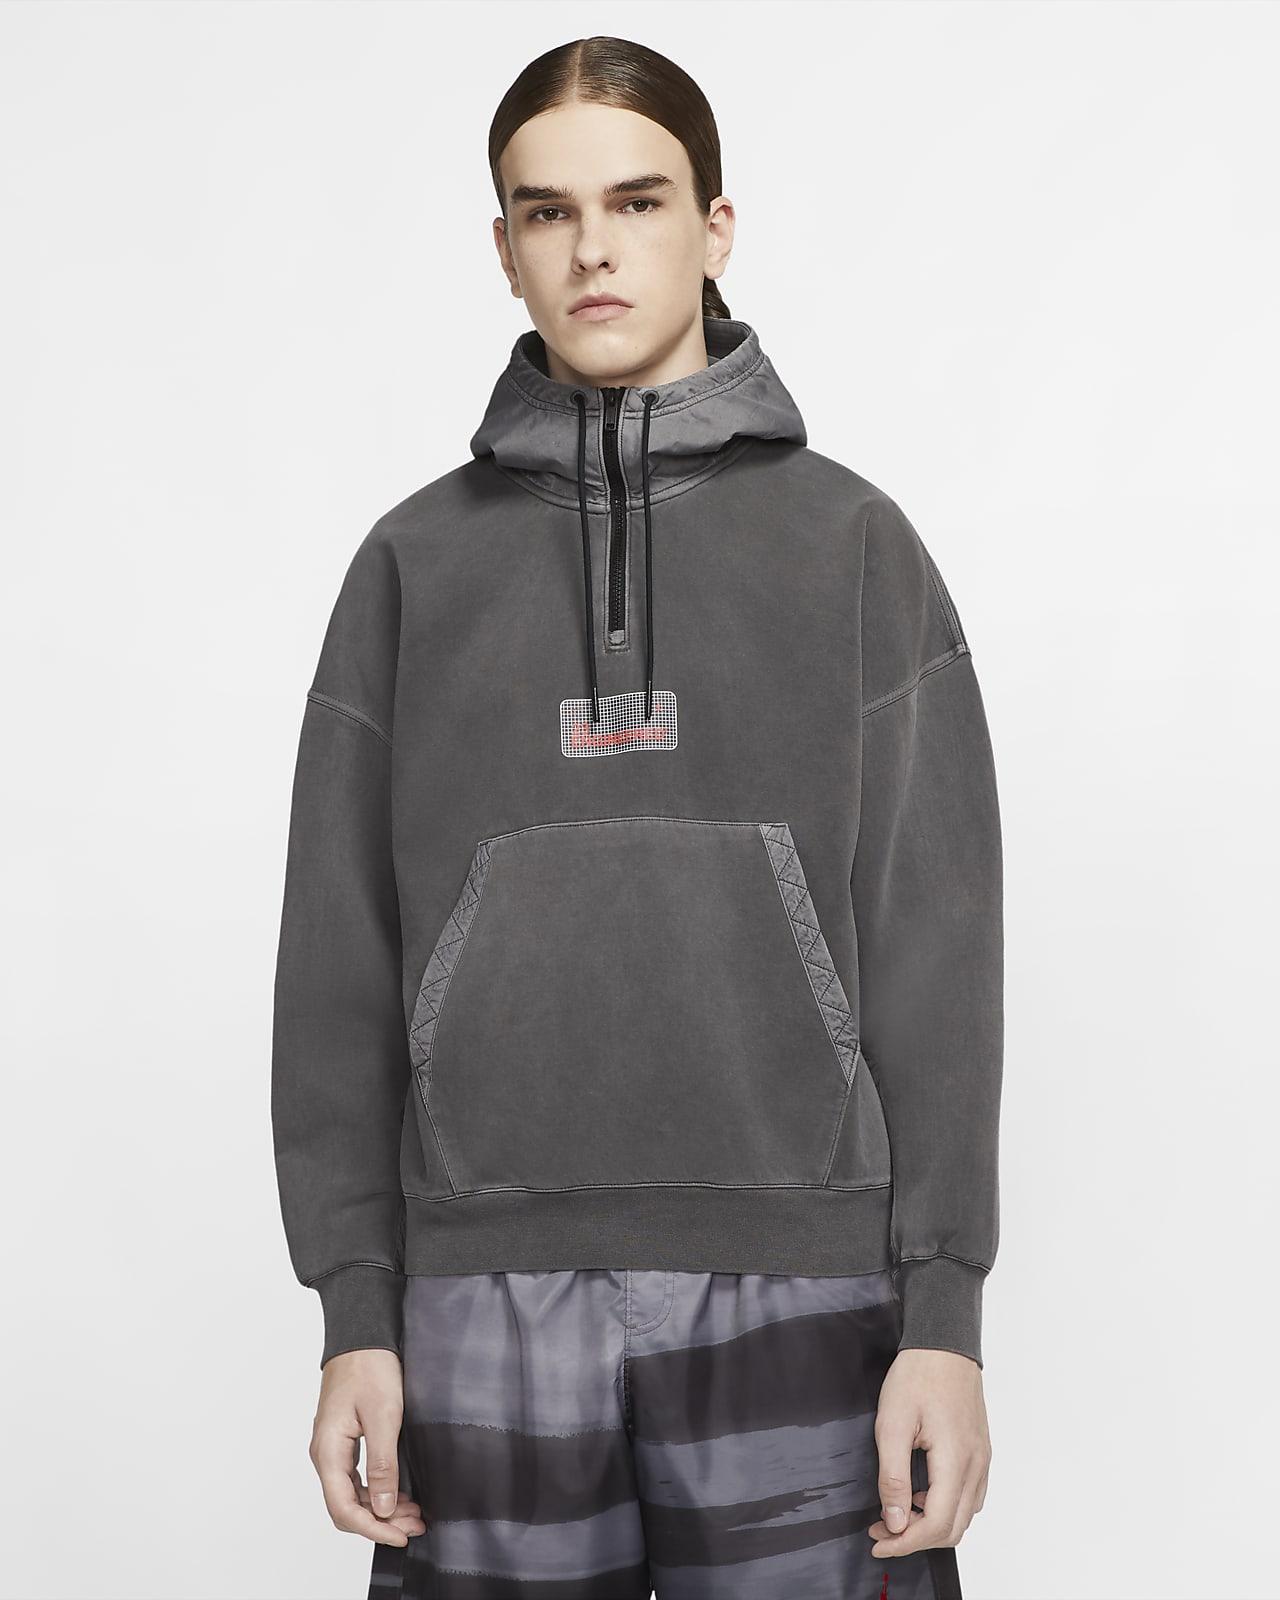 Jordan 23 Engineered Men's Fleece Hoodie